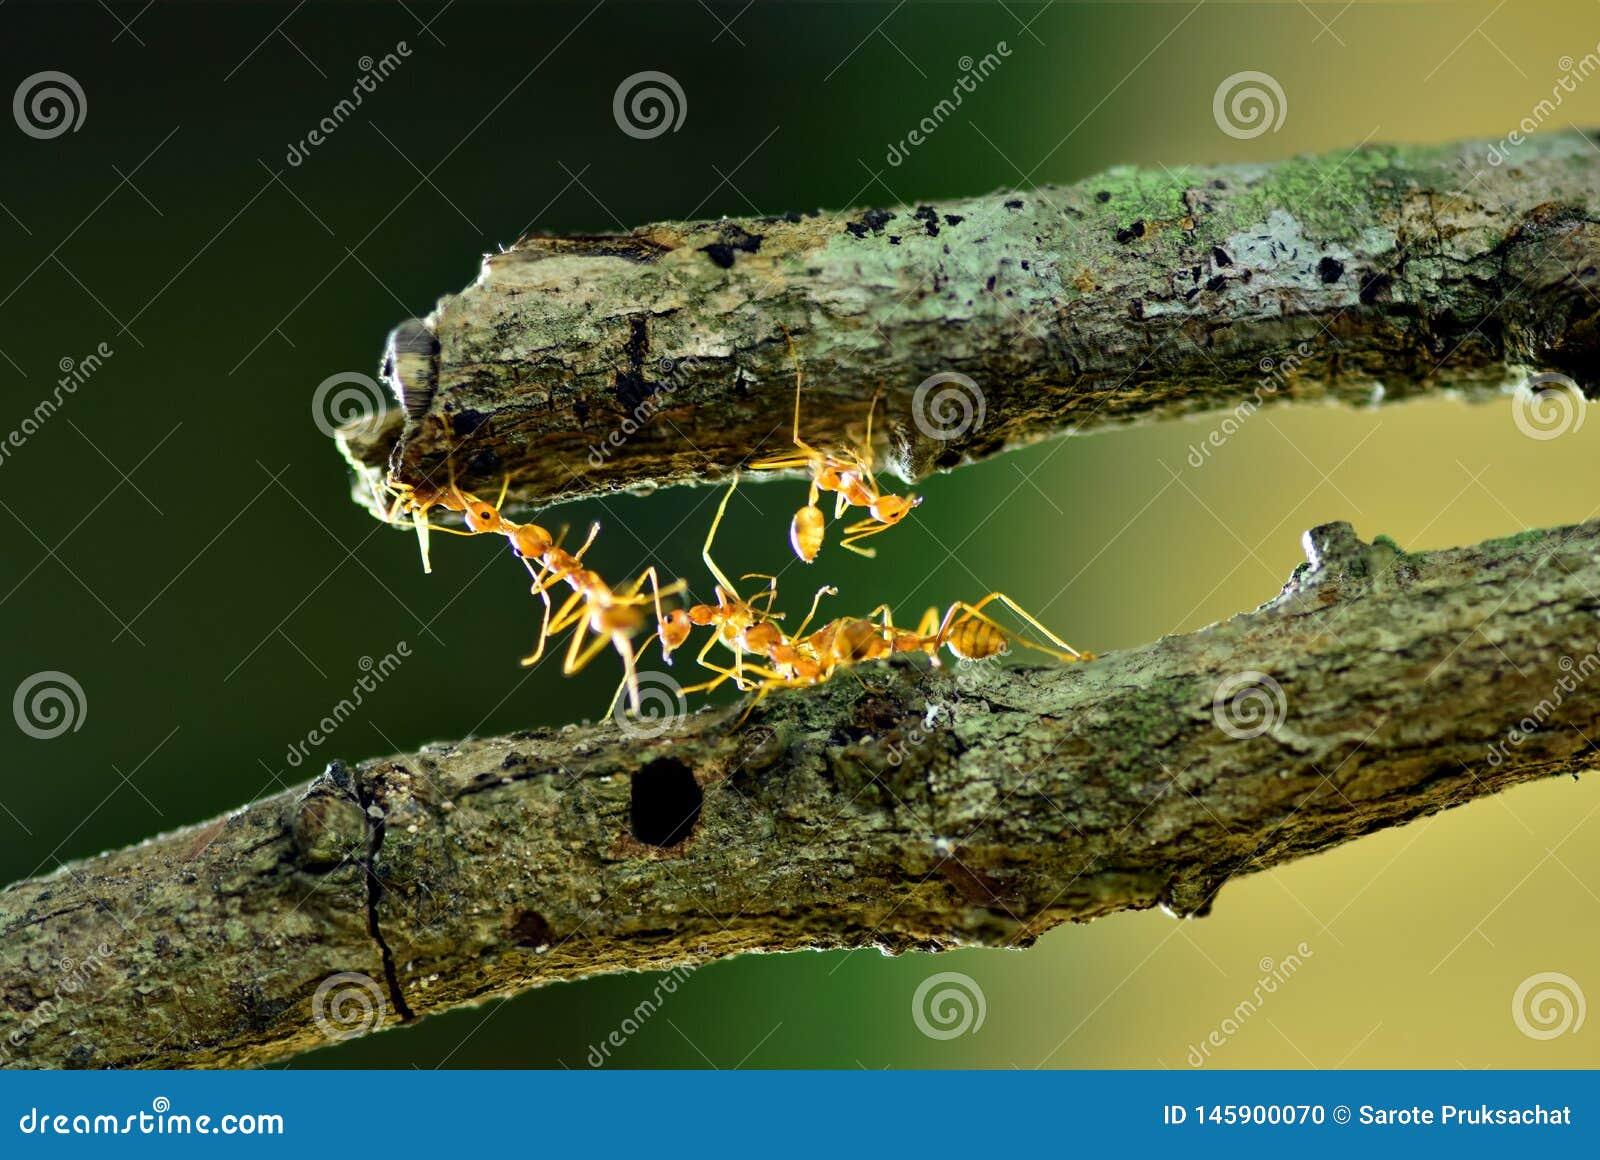 Mieren die brug, Groepswerk construeren